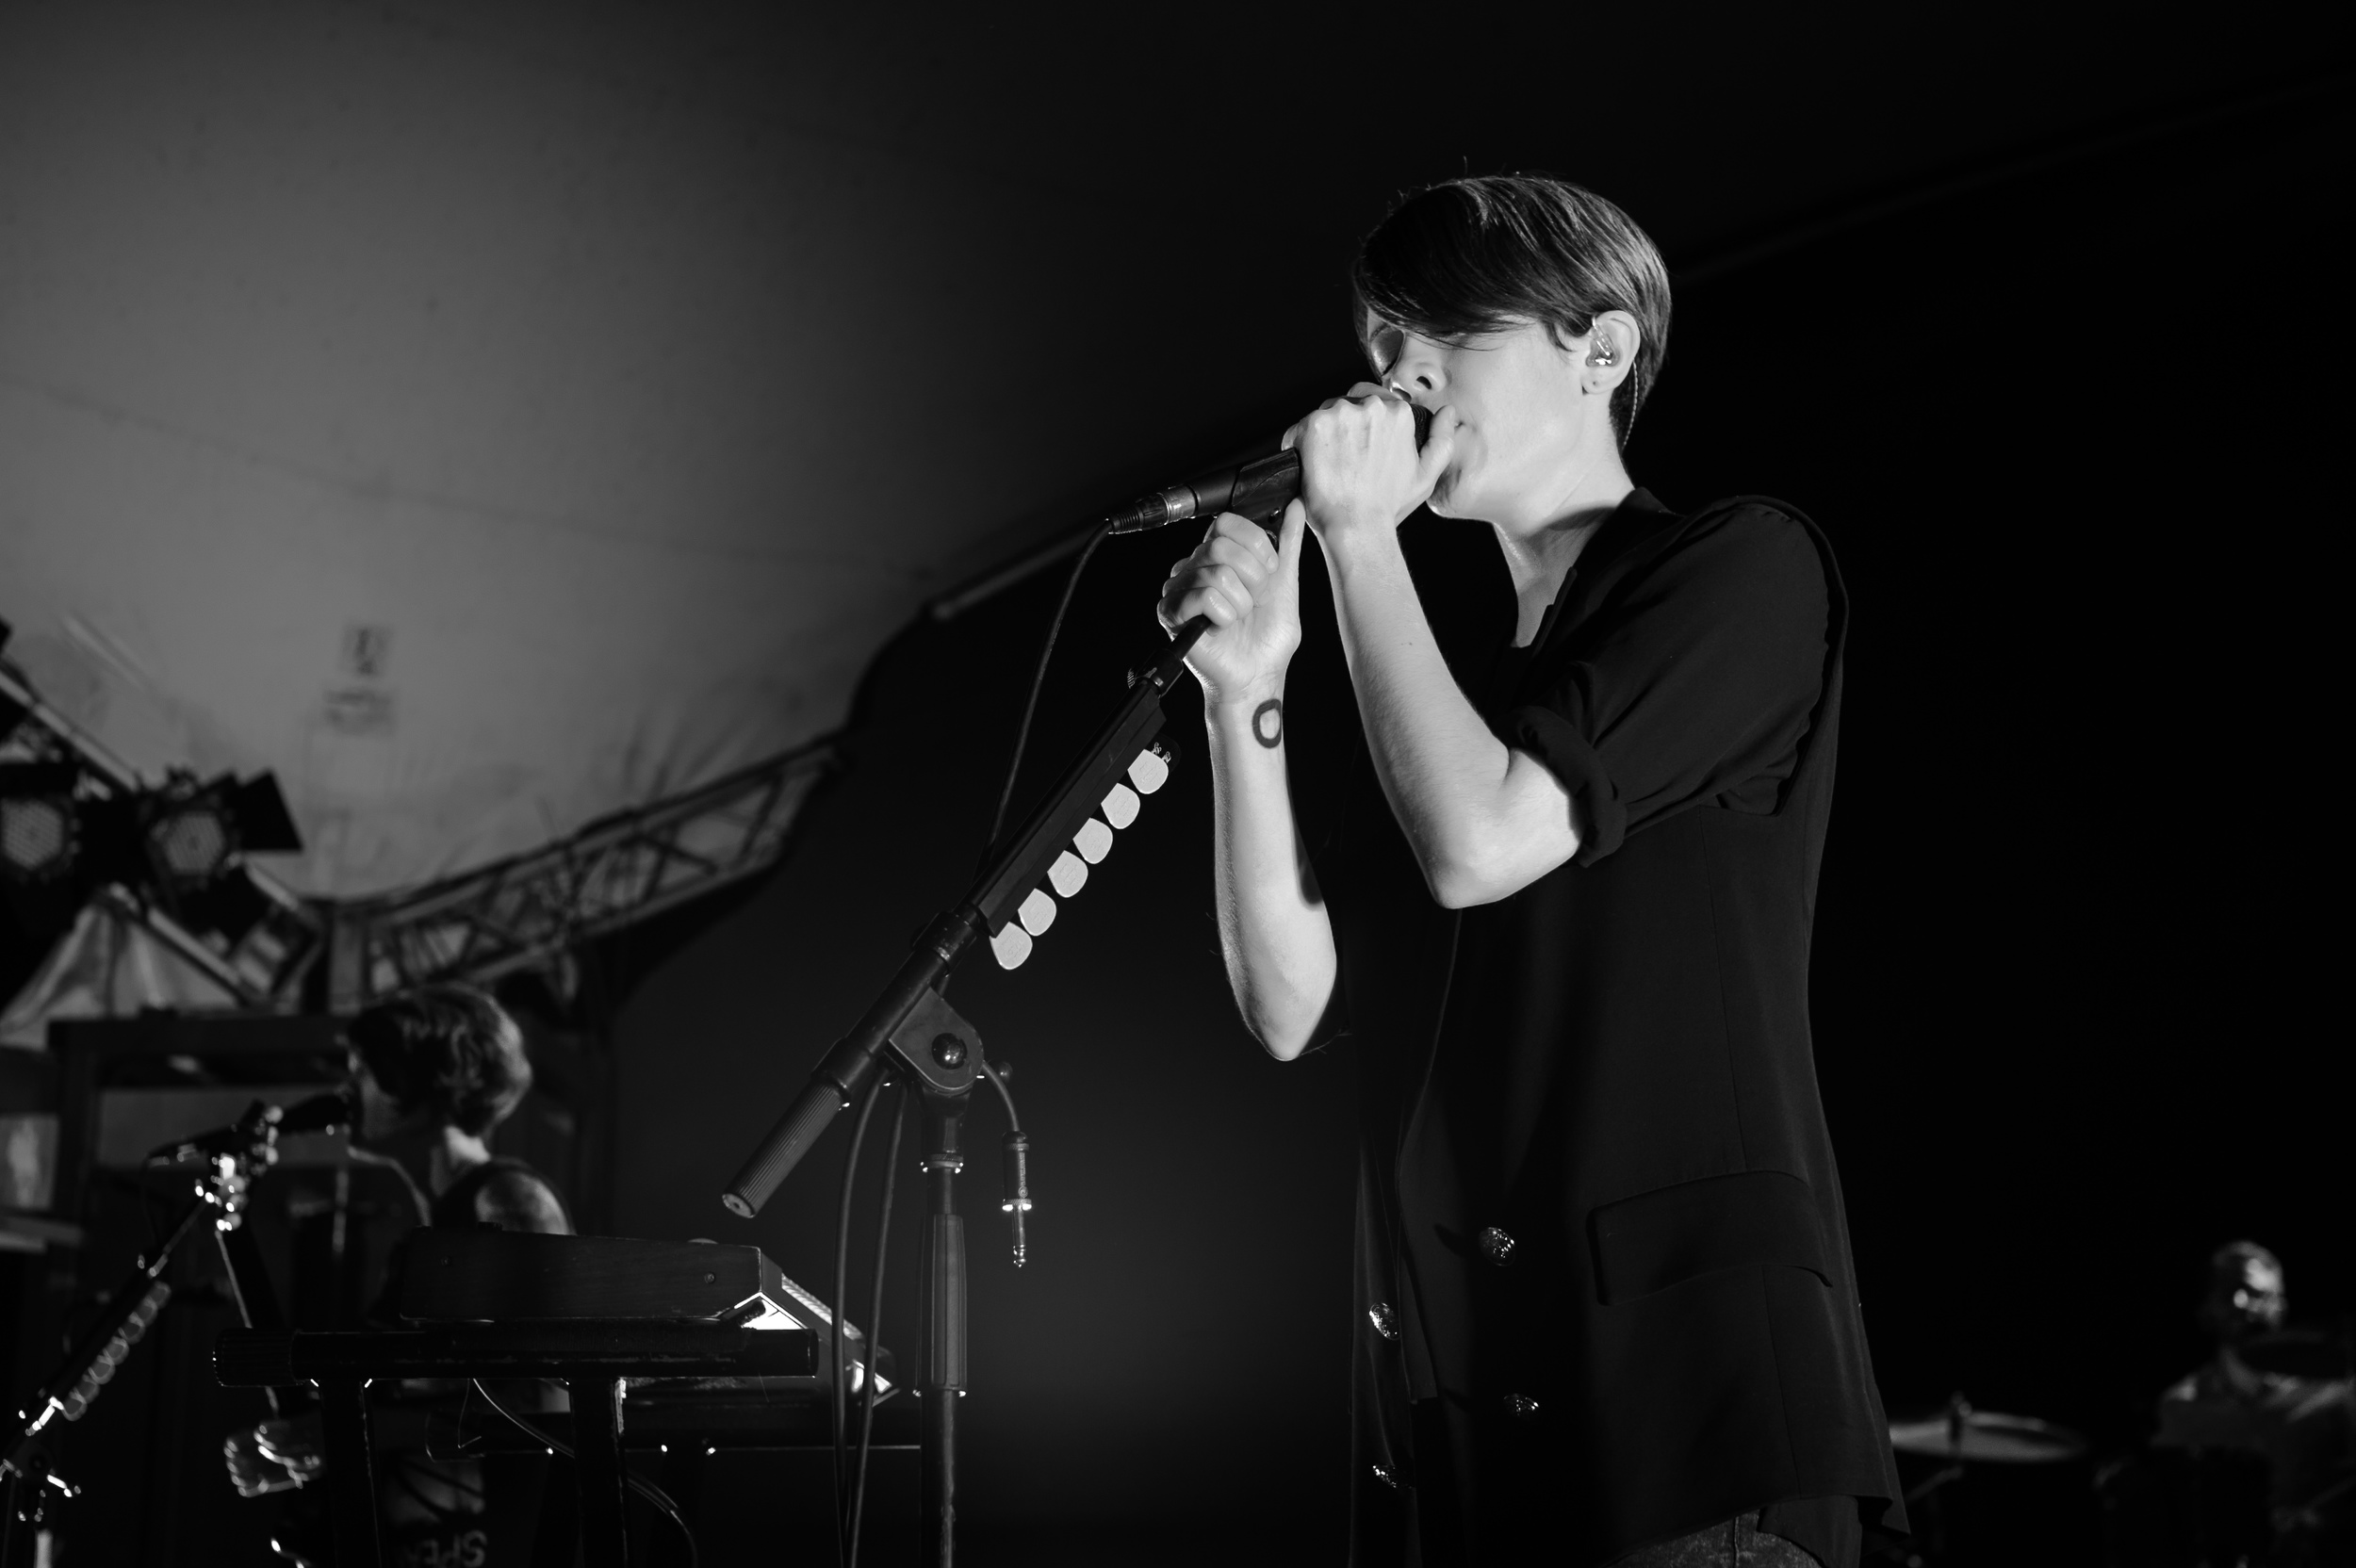 Concert Tegan & Sara Austin 2013 TNP-231.jpg